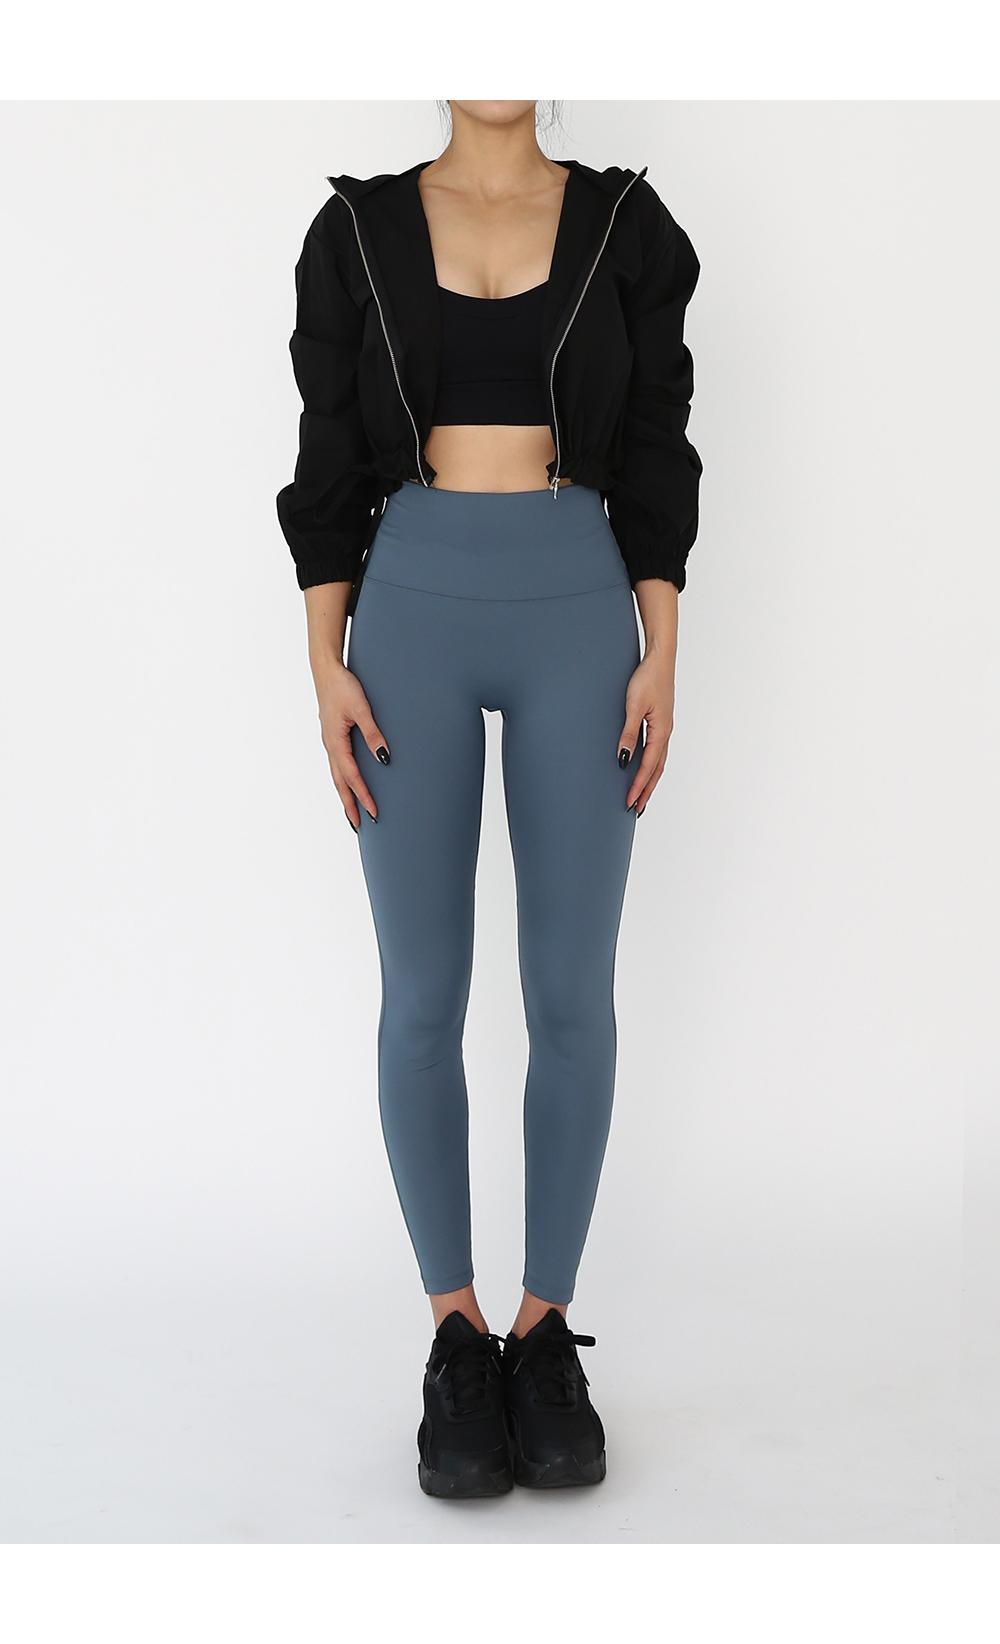 褲子模特穿著形象 - S1L6